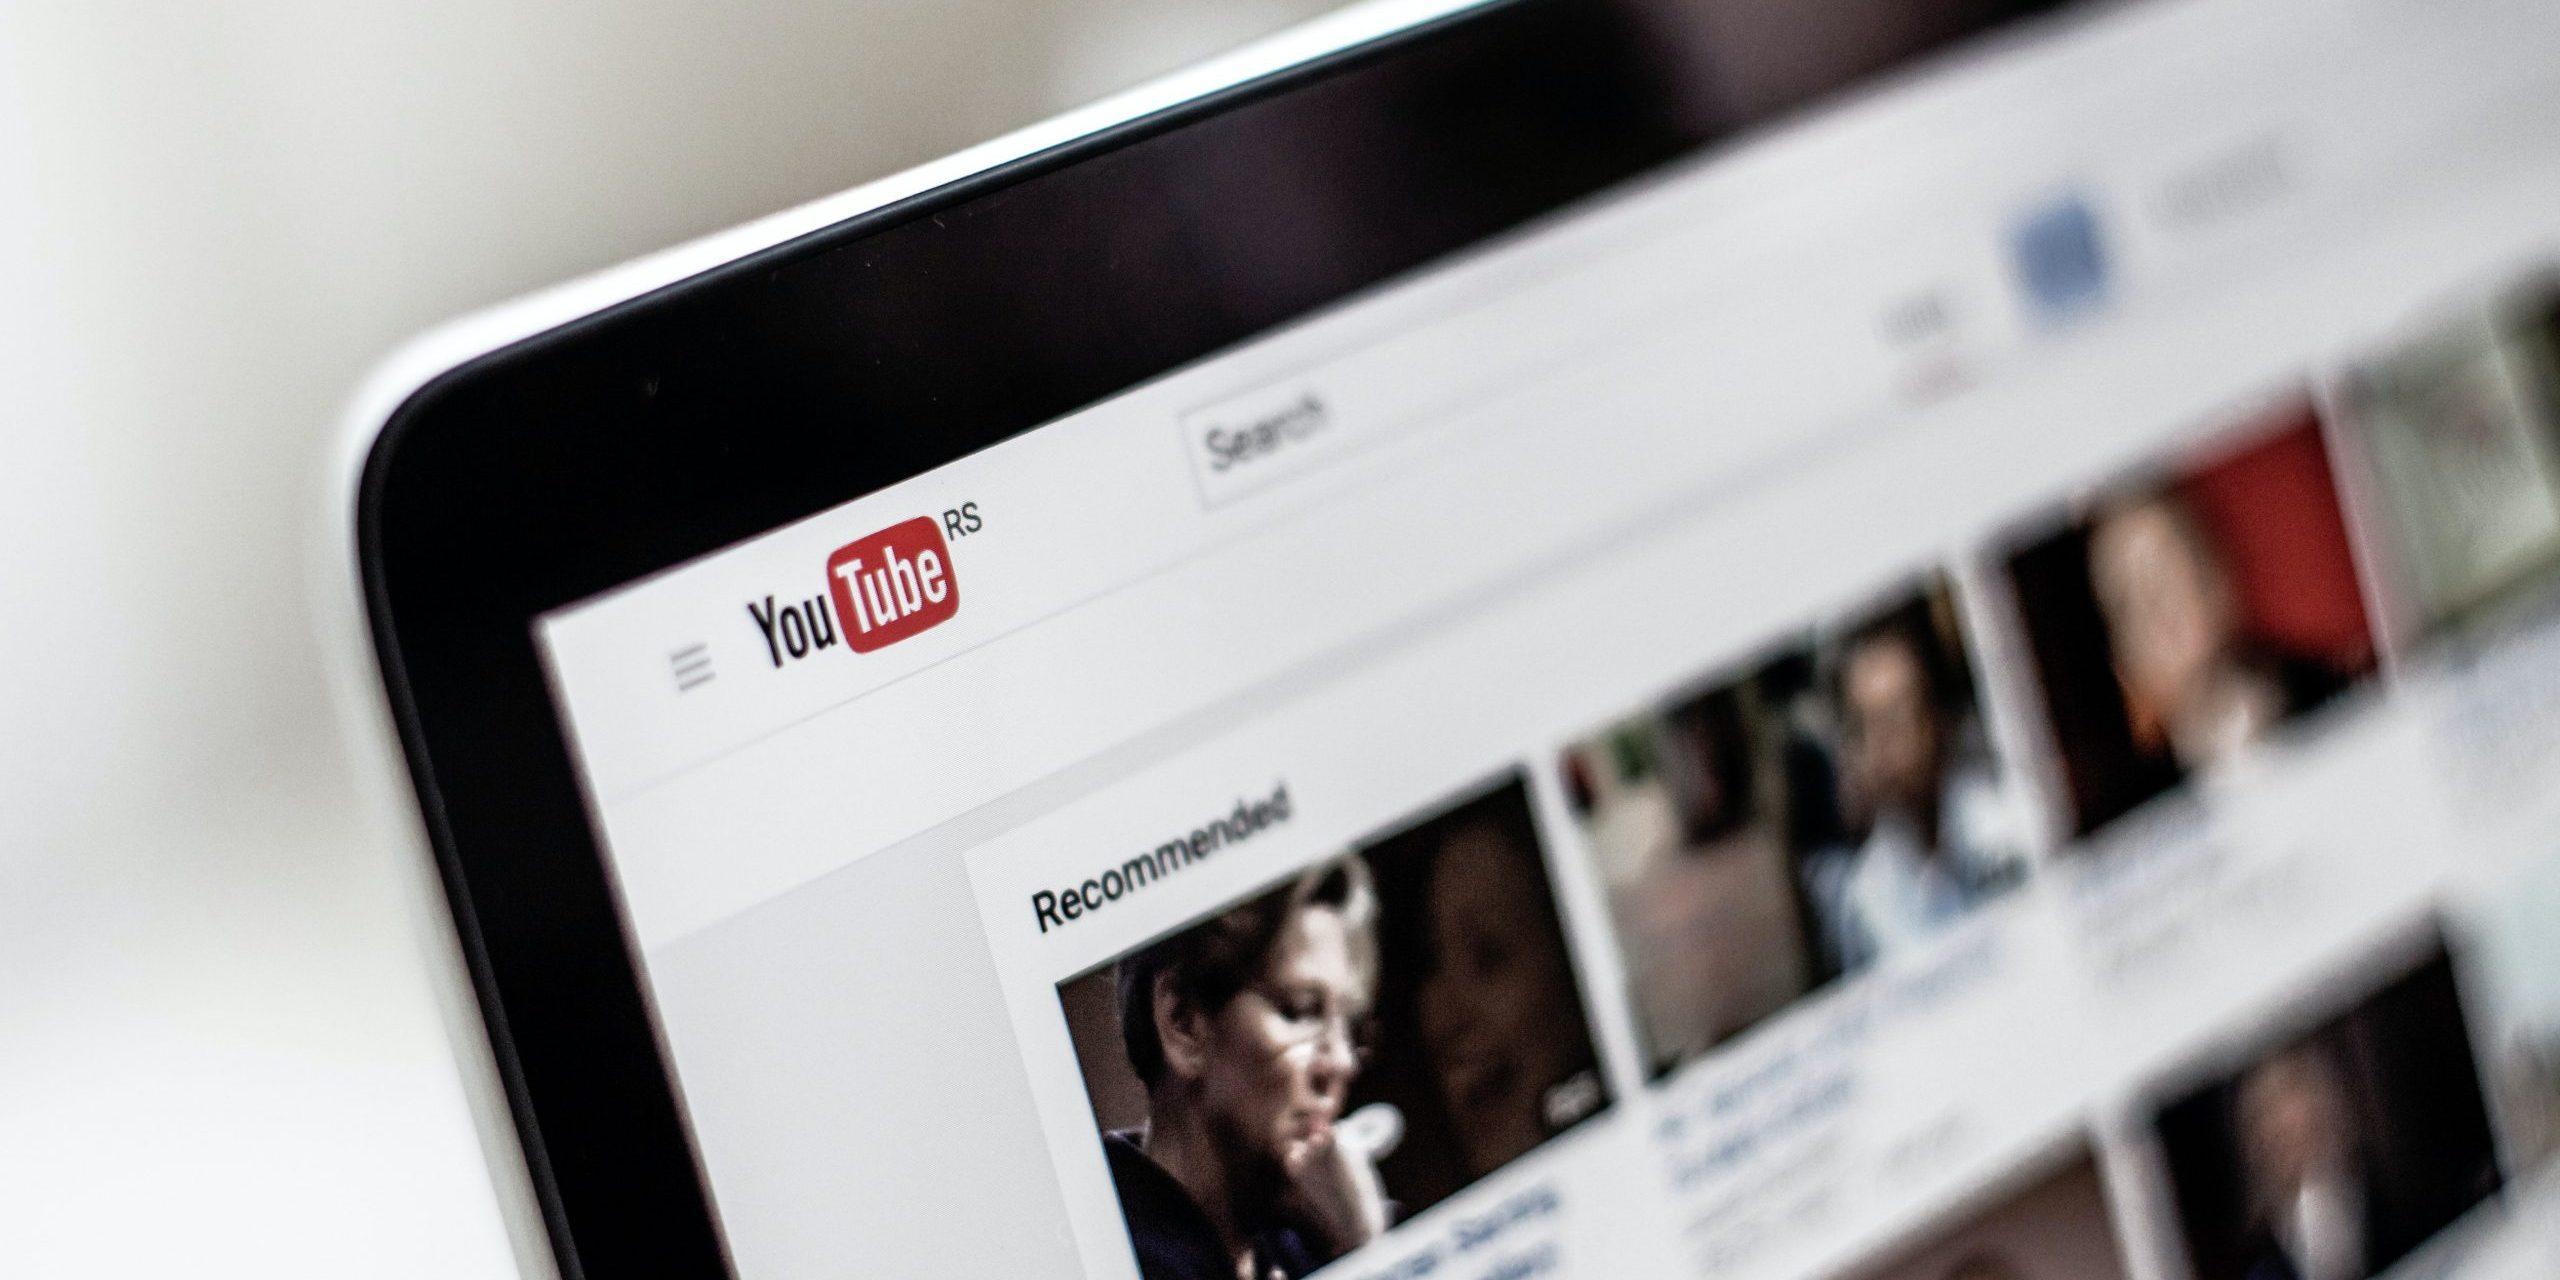 YouTube geöffnet auf einem Computer Monitor. Zu sehen ist die obere linke Ecke mit dem YouTube Logo und ein paar Video Vorschauen